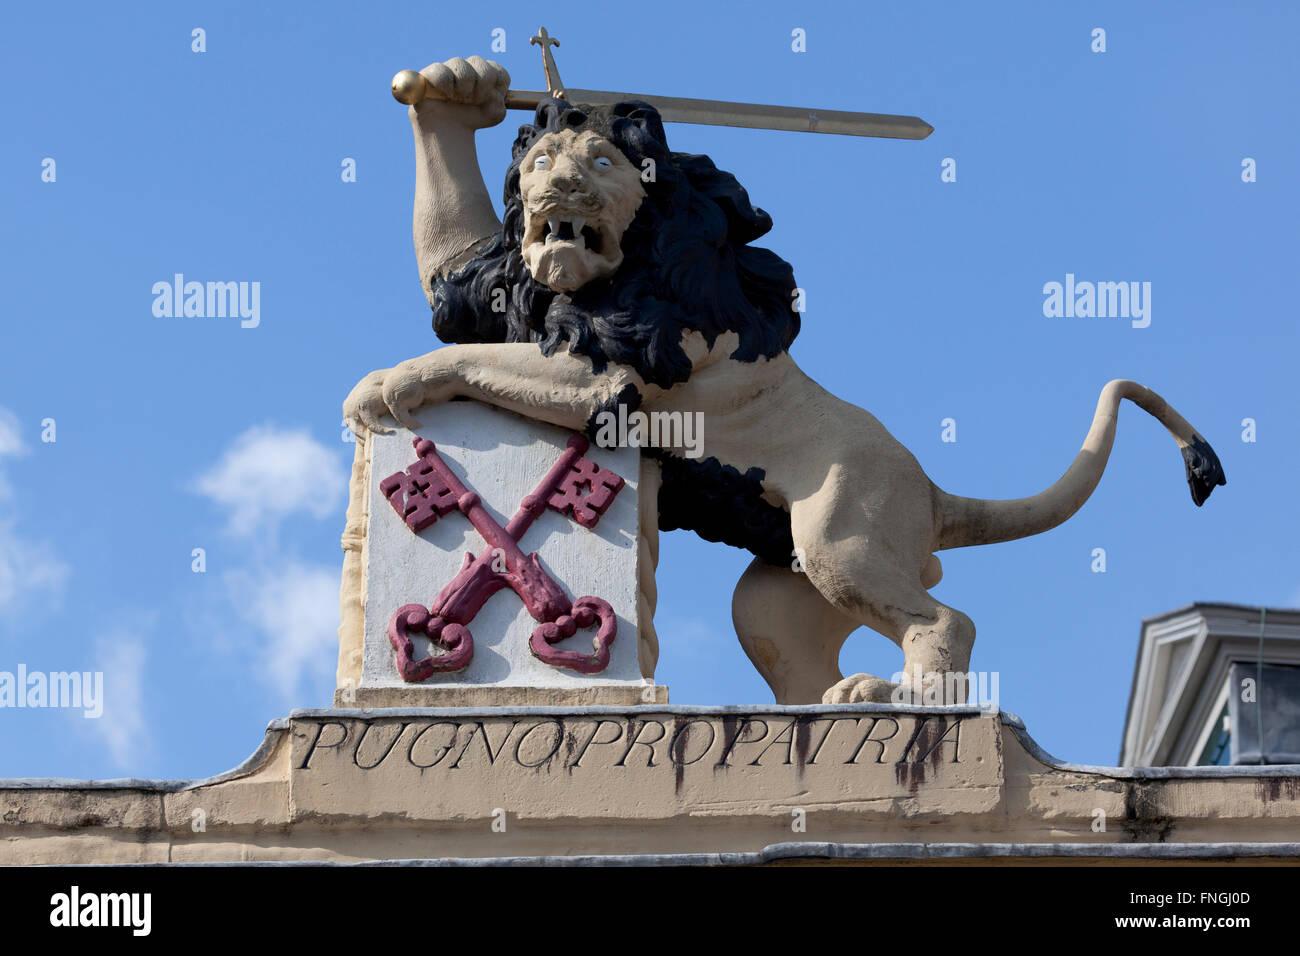 Lion hollandais avec une épée, blason de la ville de Leiden, Pays-Bas Photo Stock